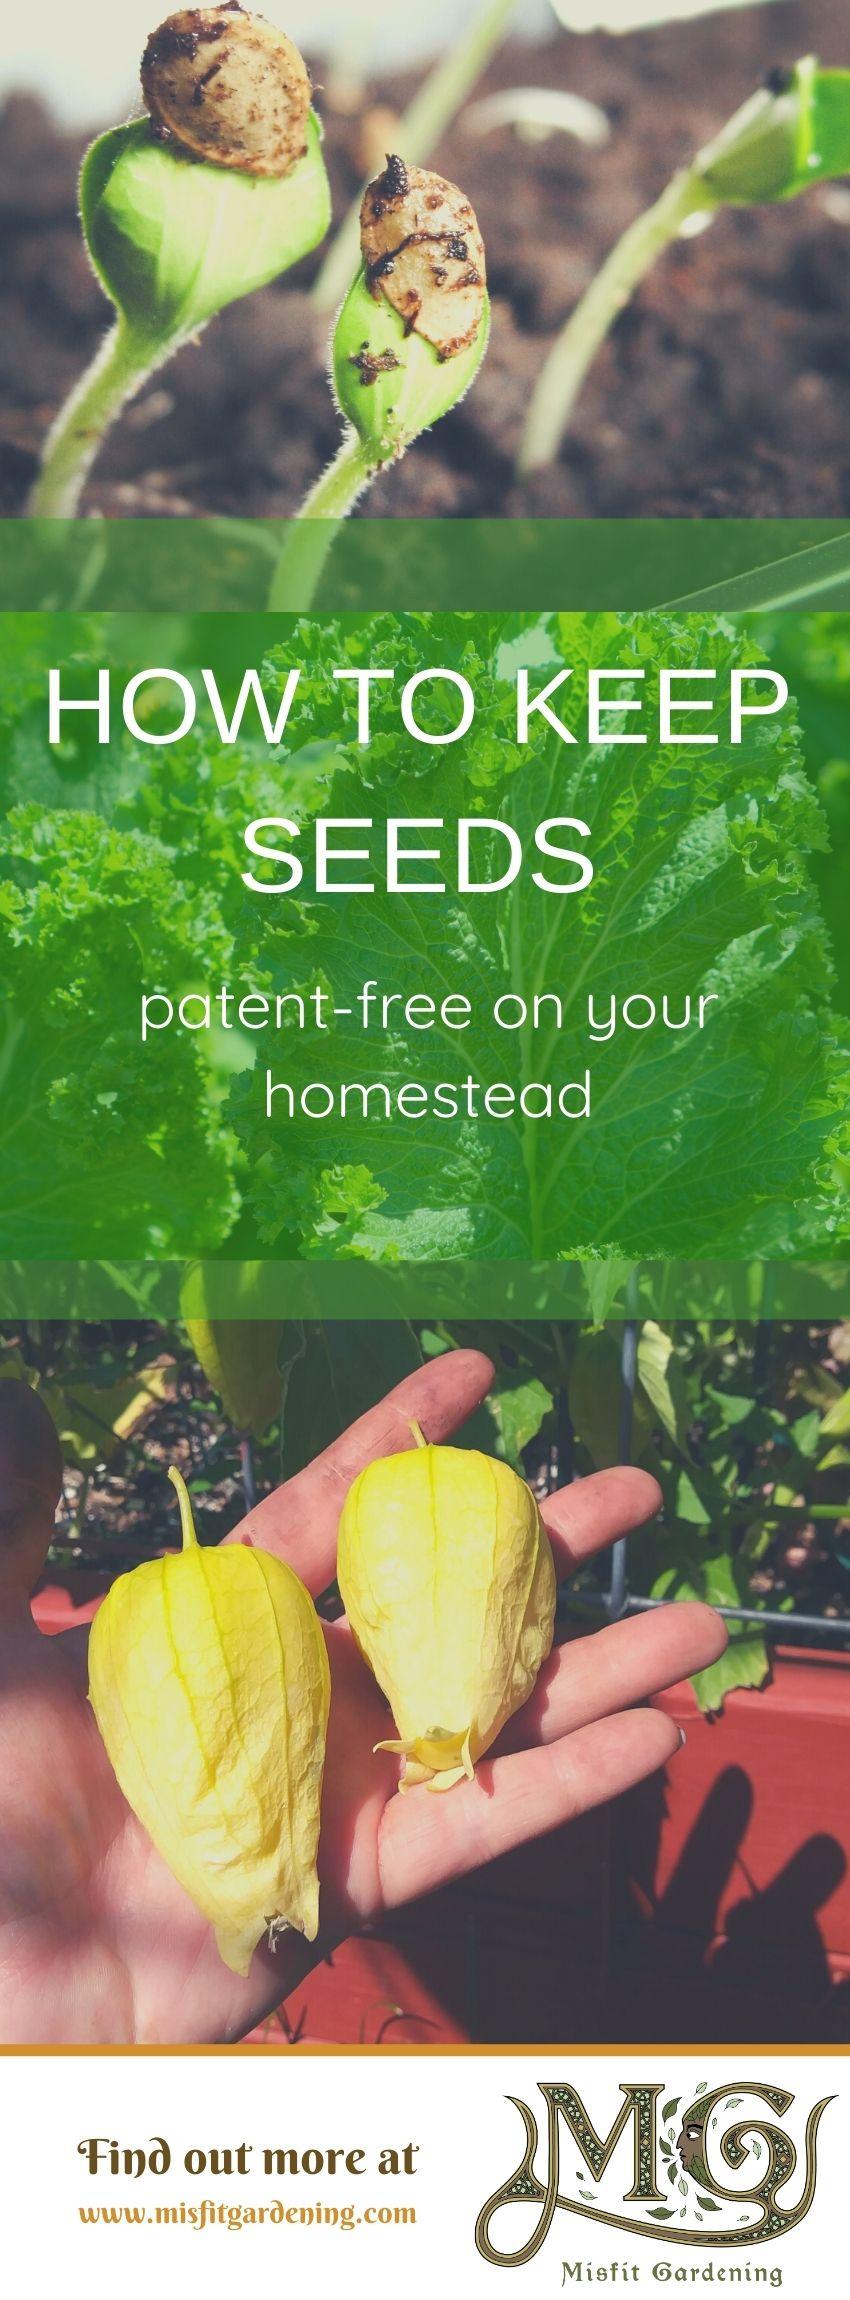 Klicken Sie hier, um zu erfahren, warum Homesteaders patentfreies Saatgut haben sollten, oder stecken Sie es fest und speichern Sie es für später. #homestead #realfood #gardening